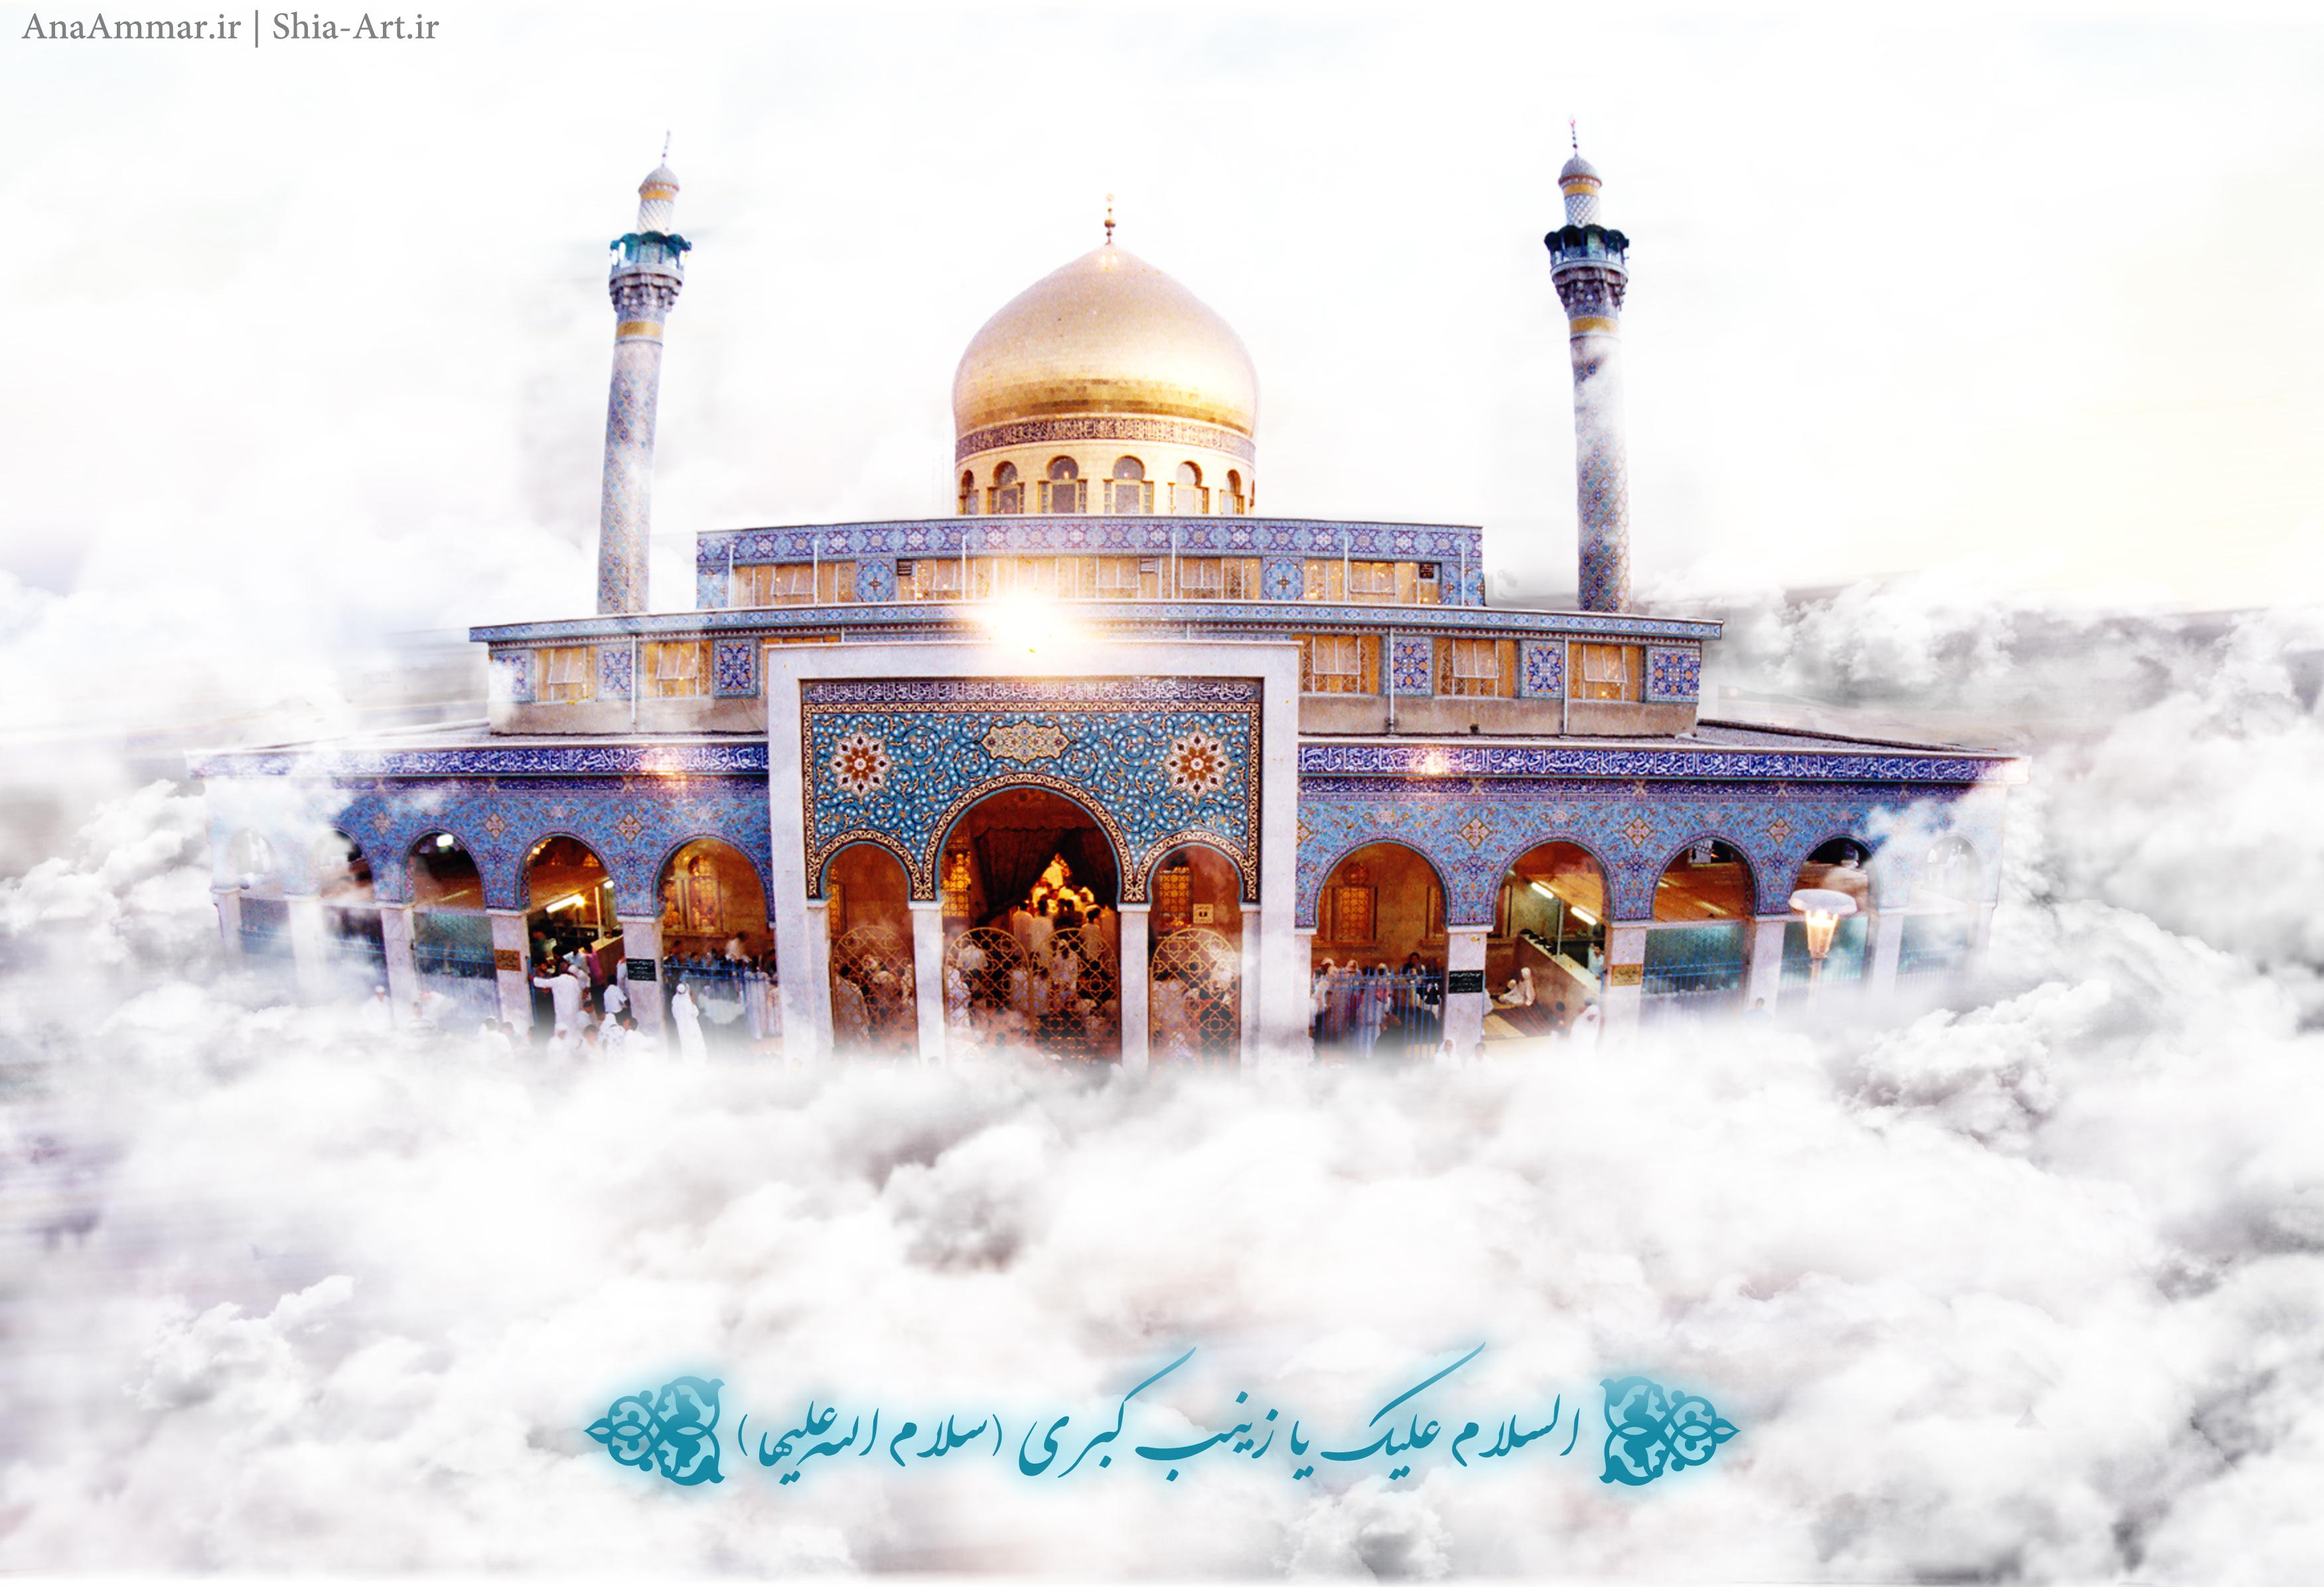 :::> آلبوم تصویری حرم بانوان معصومین علیهم السلام >:::